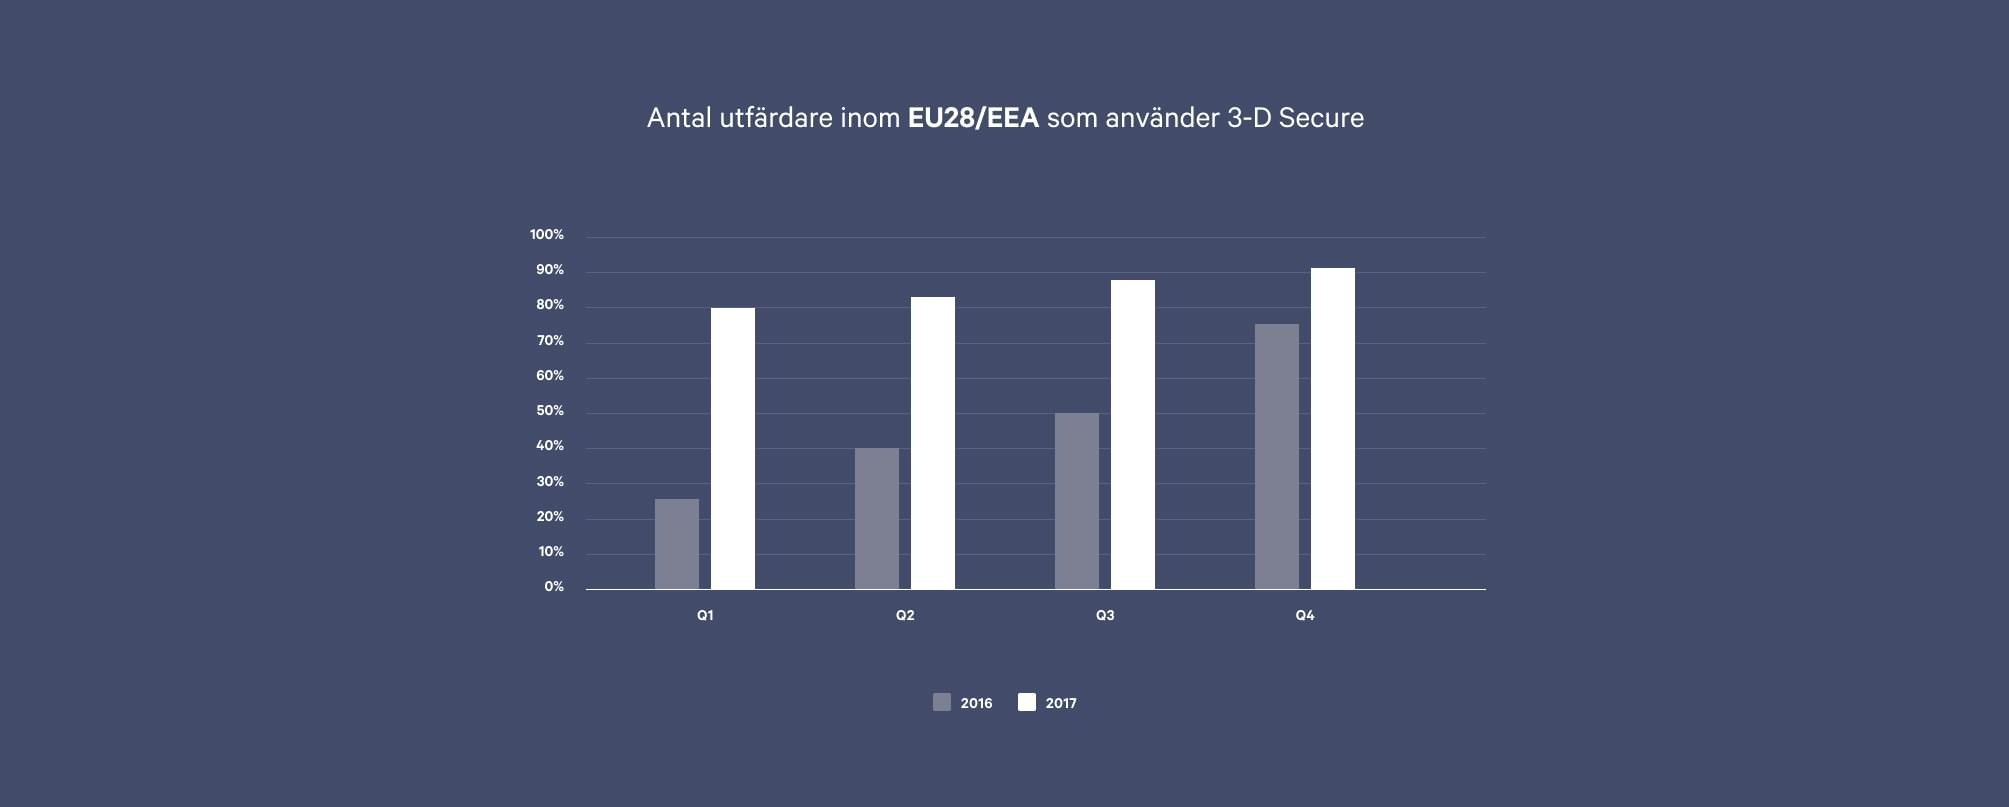 En översikt över 3-D Secure bland utfärdande banker. Antalet banker inom EU28 eller EEA som använder 3 D-Secure har ökat drastiskt mellan 2016 till 2017.